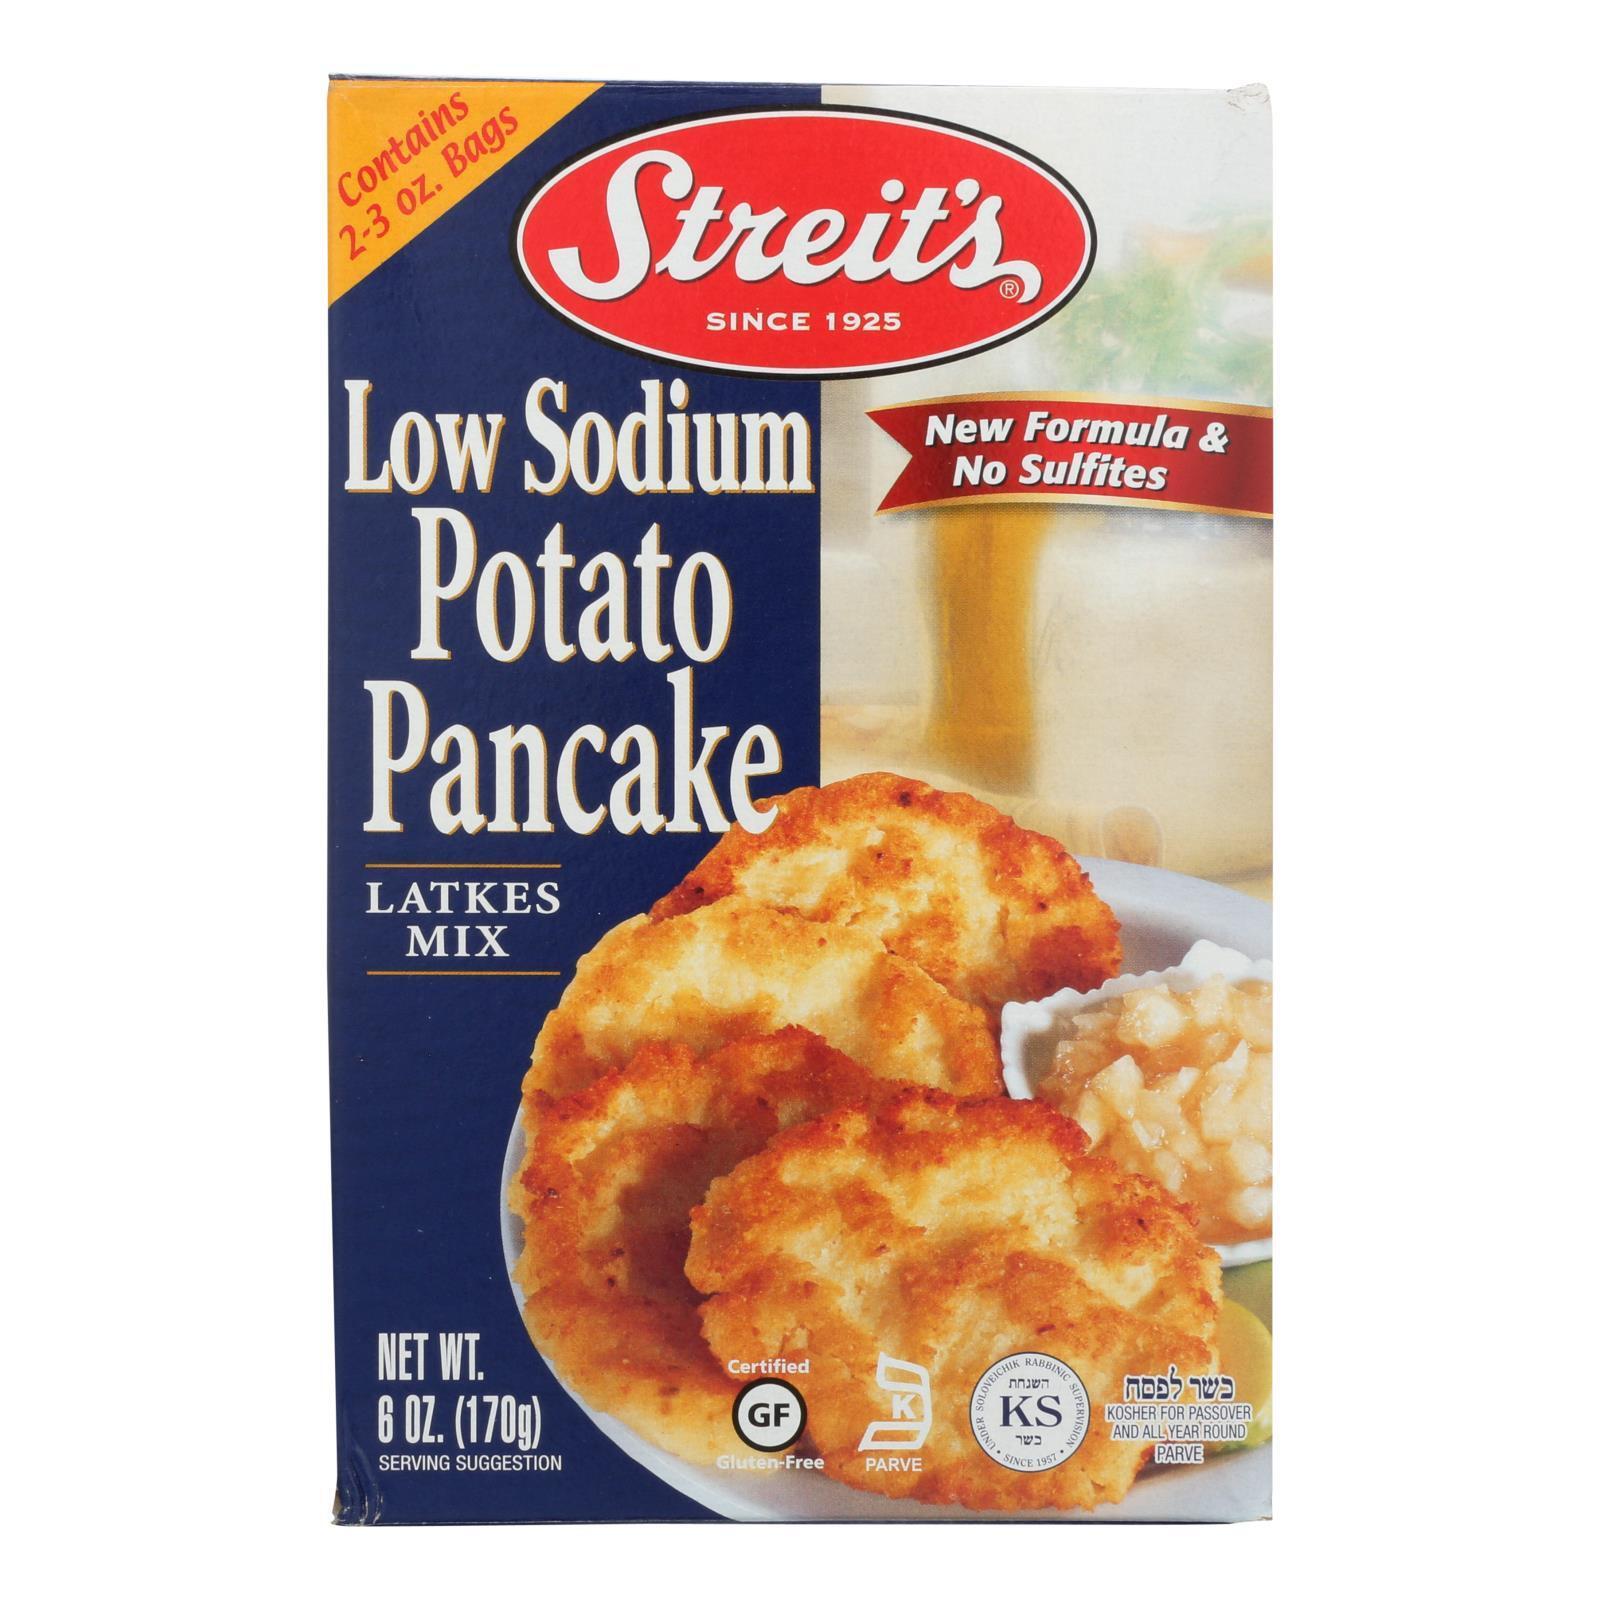 Streit's Potato Pancake Mix - Low Sodium - Case of 12 - 6 oz.